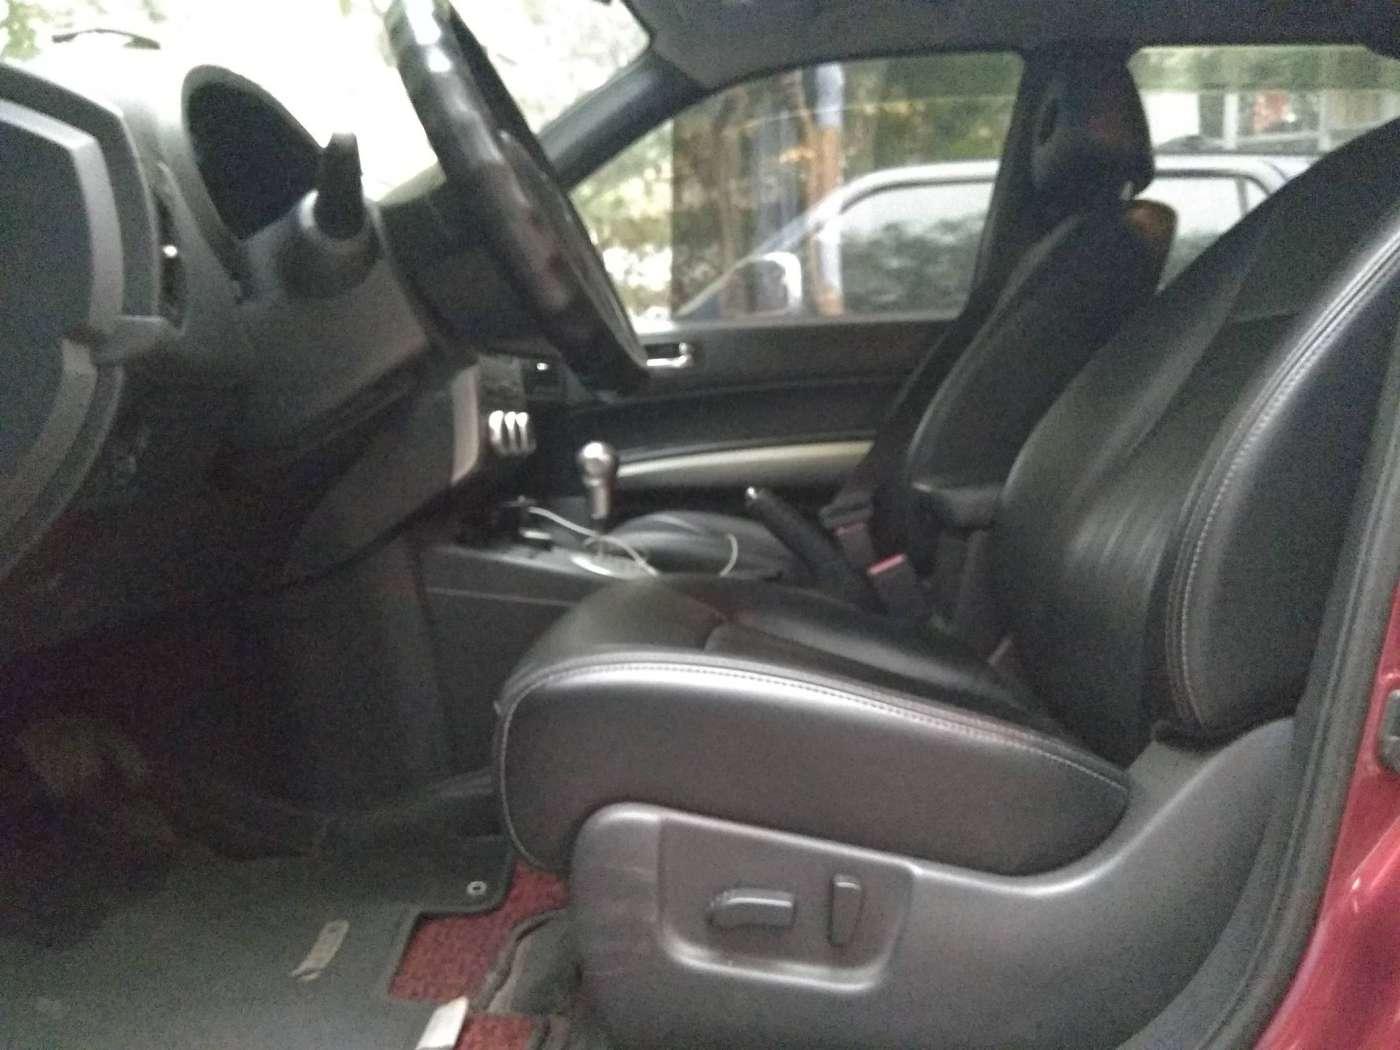 2014年05月 日产 奇骏 2012款 2.5L CVT豪华版 4WD|甄选易手车-北京卡斯基汽车服务有限公司